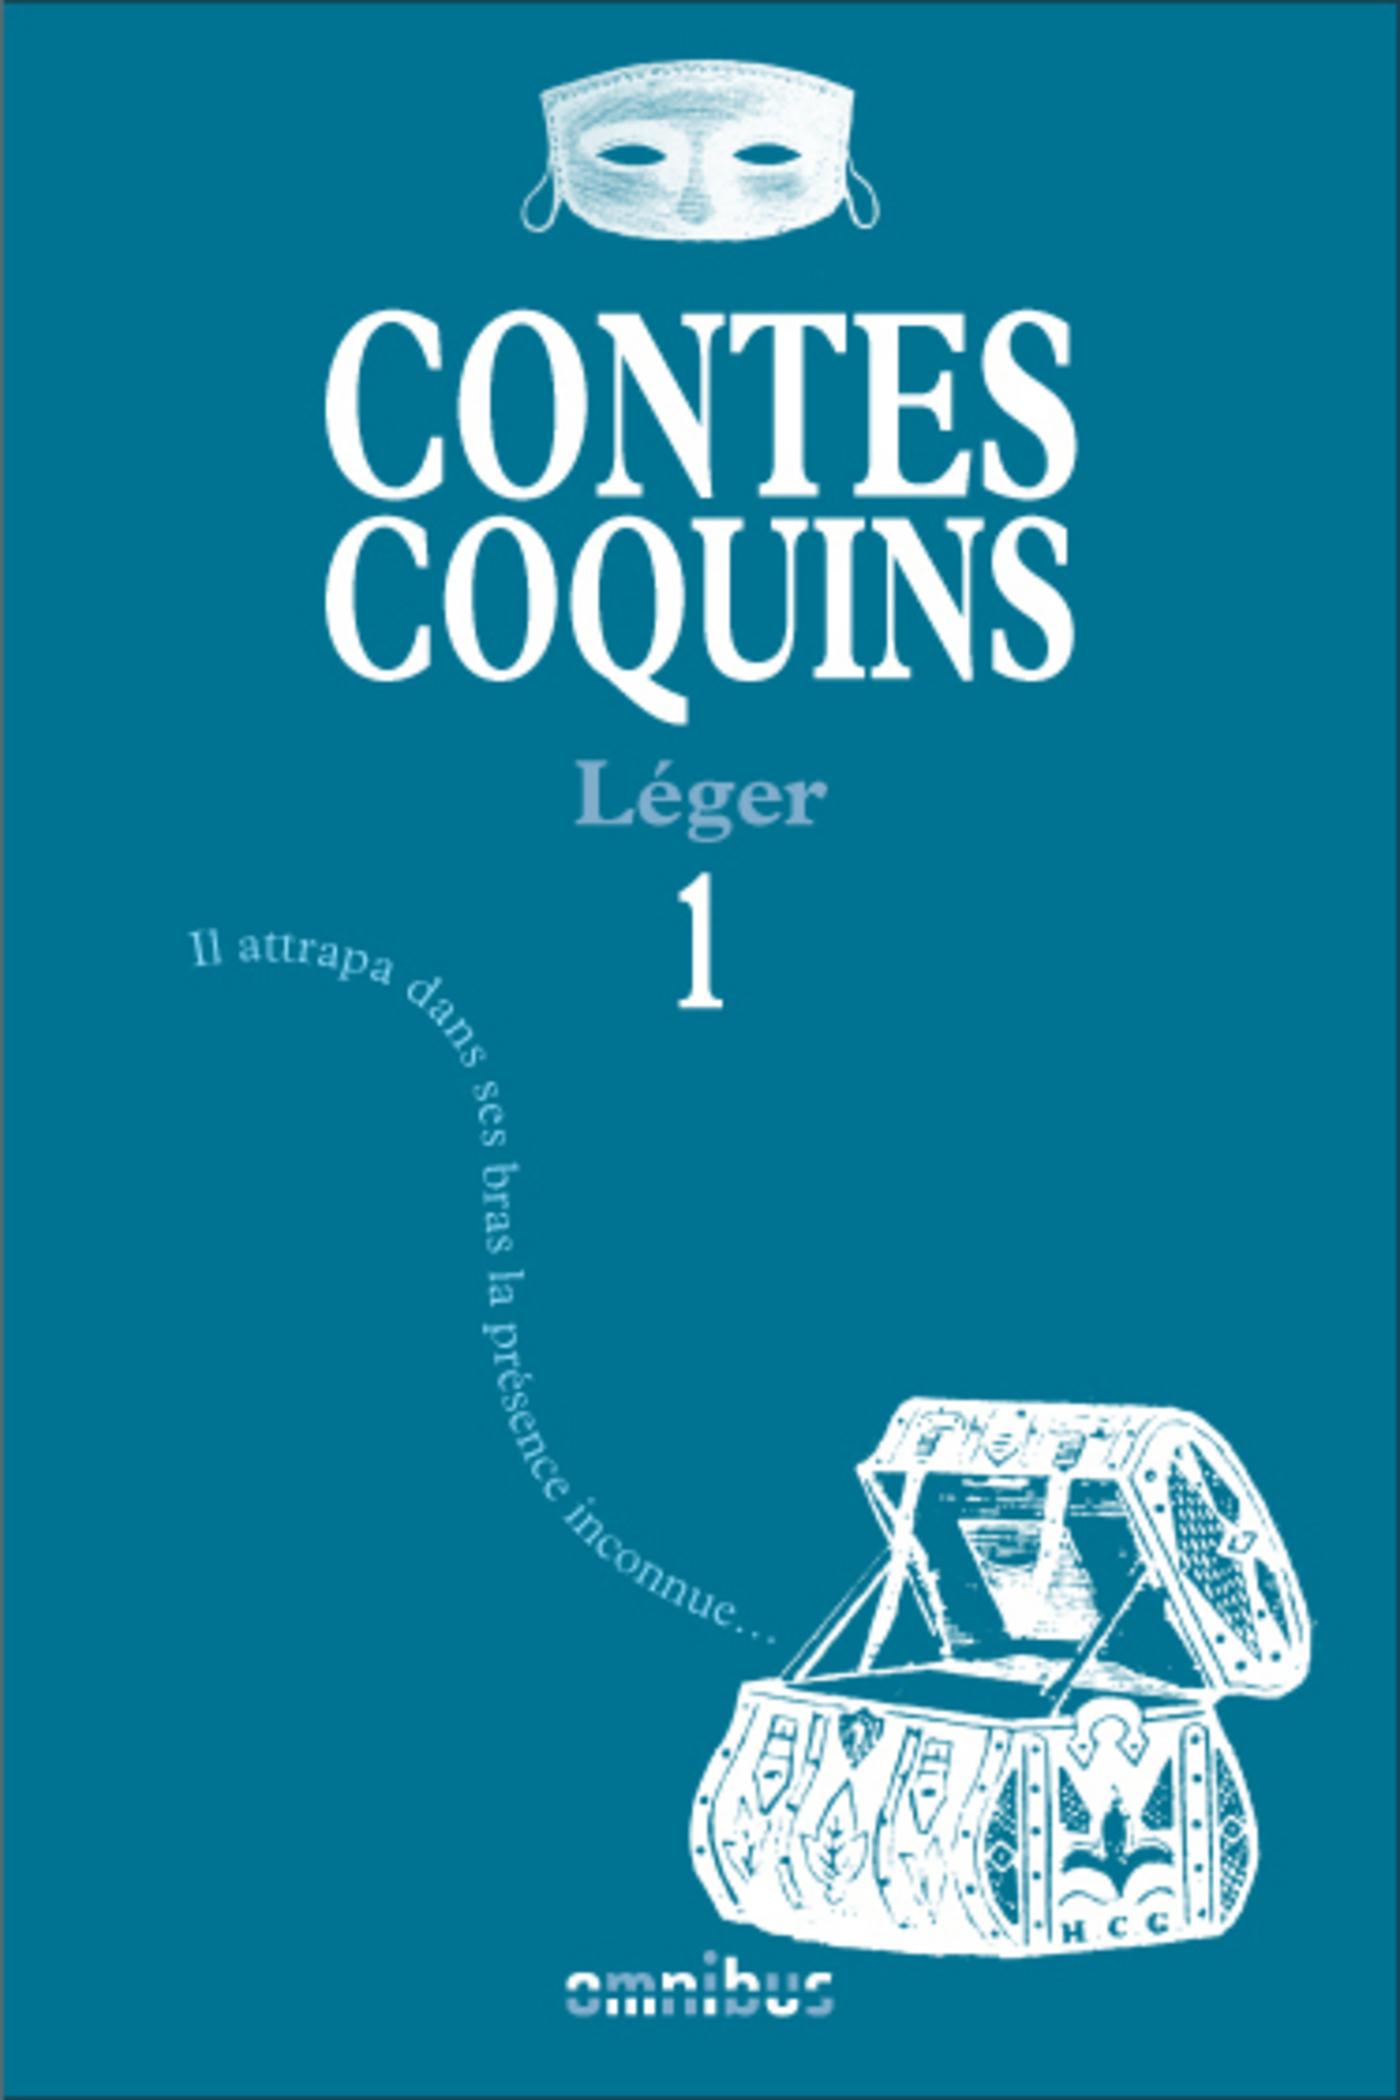 Contes coquins 1 - Léger